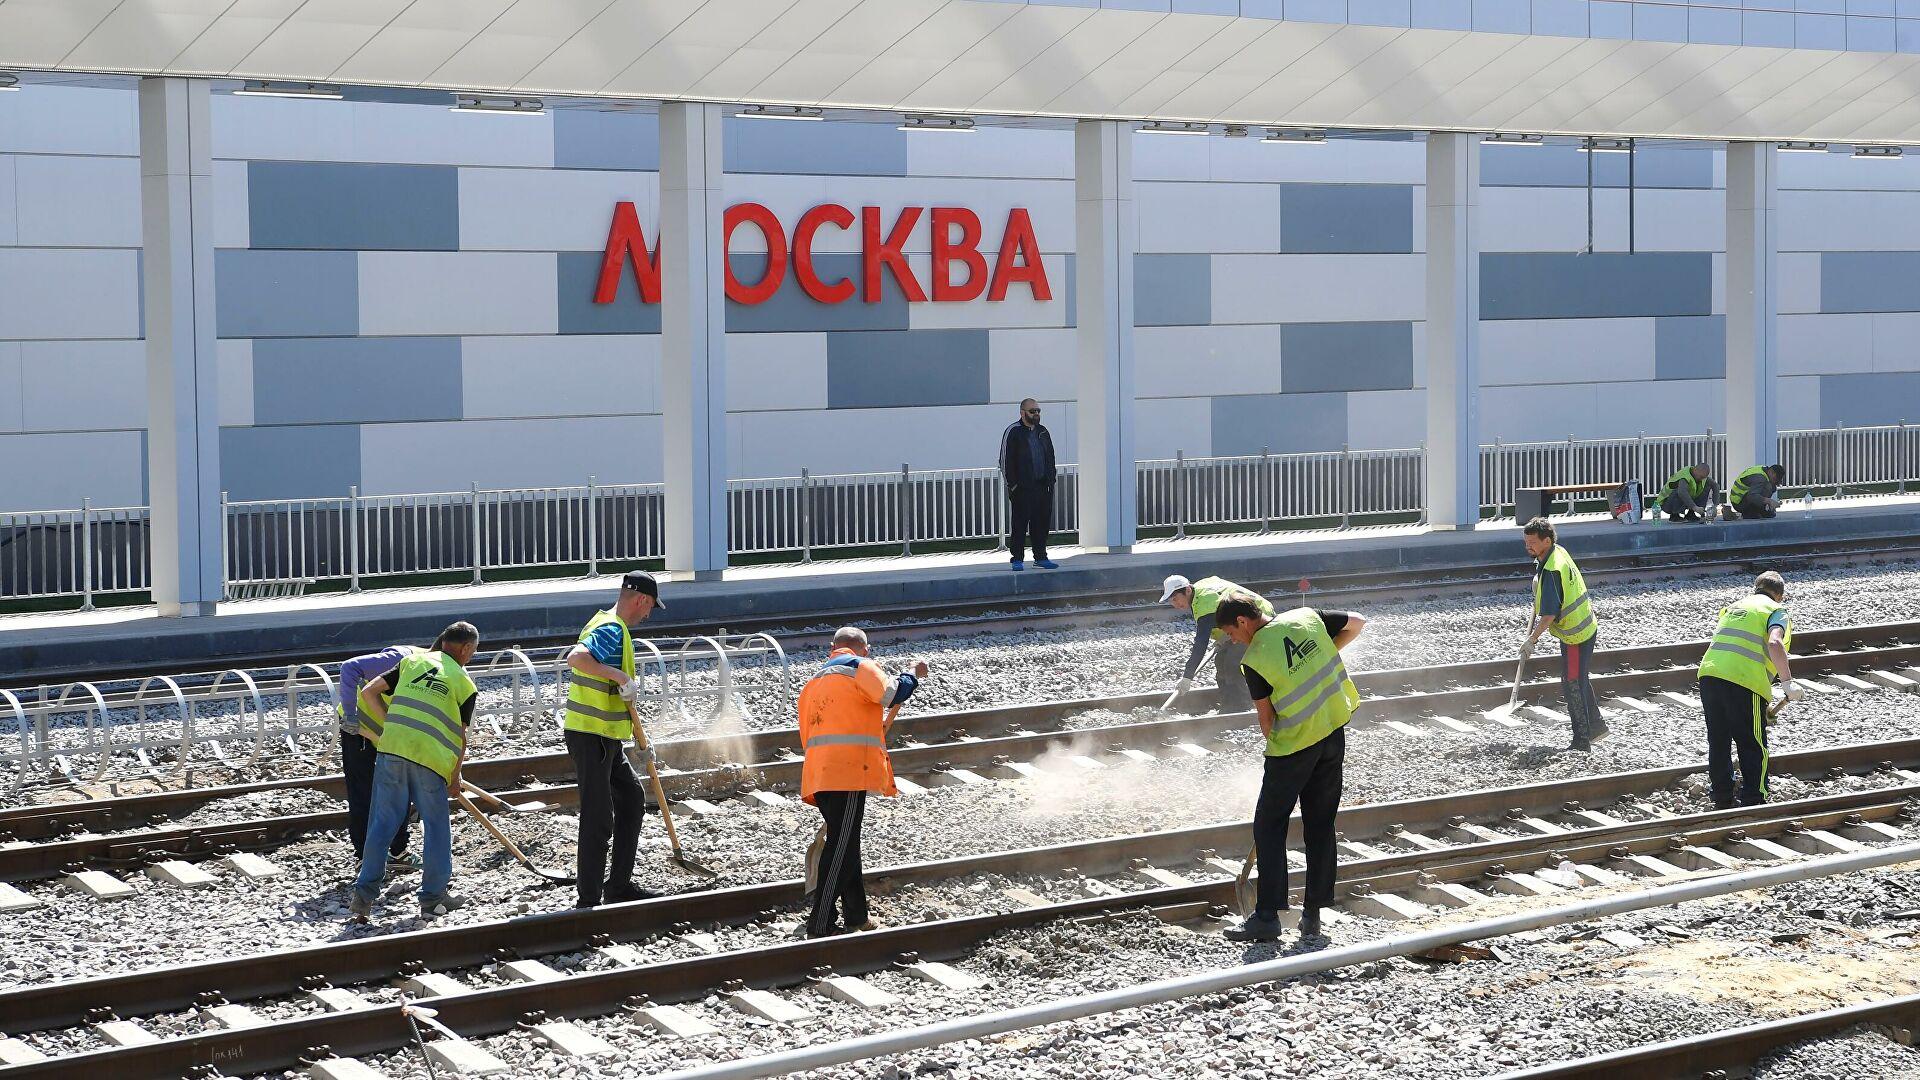 В Москве откроется новый железнодорожный вокзал Восточный